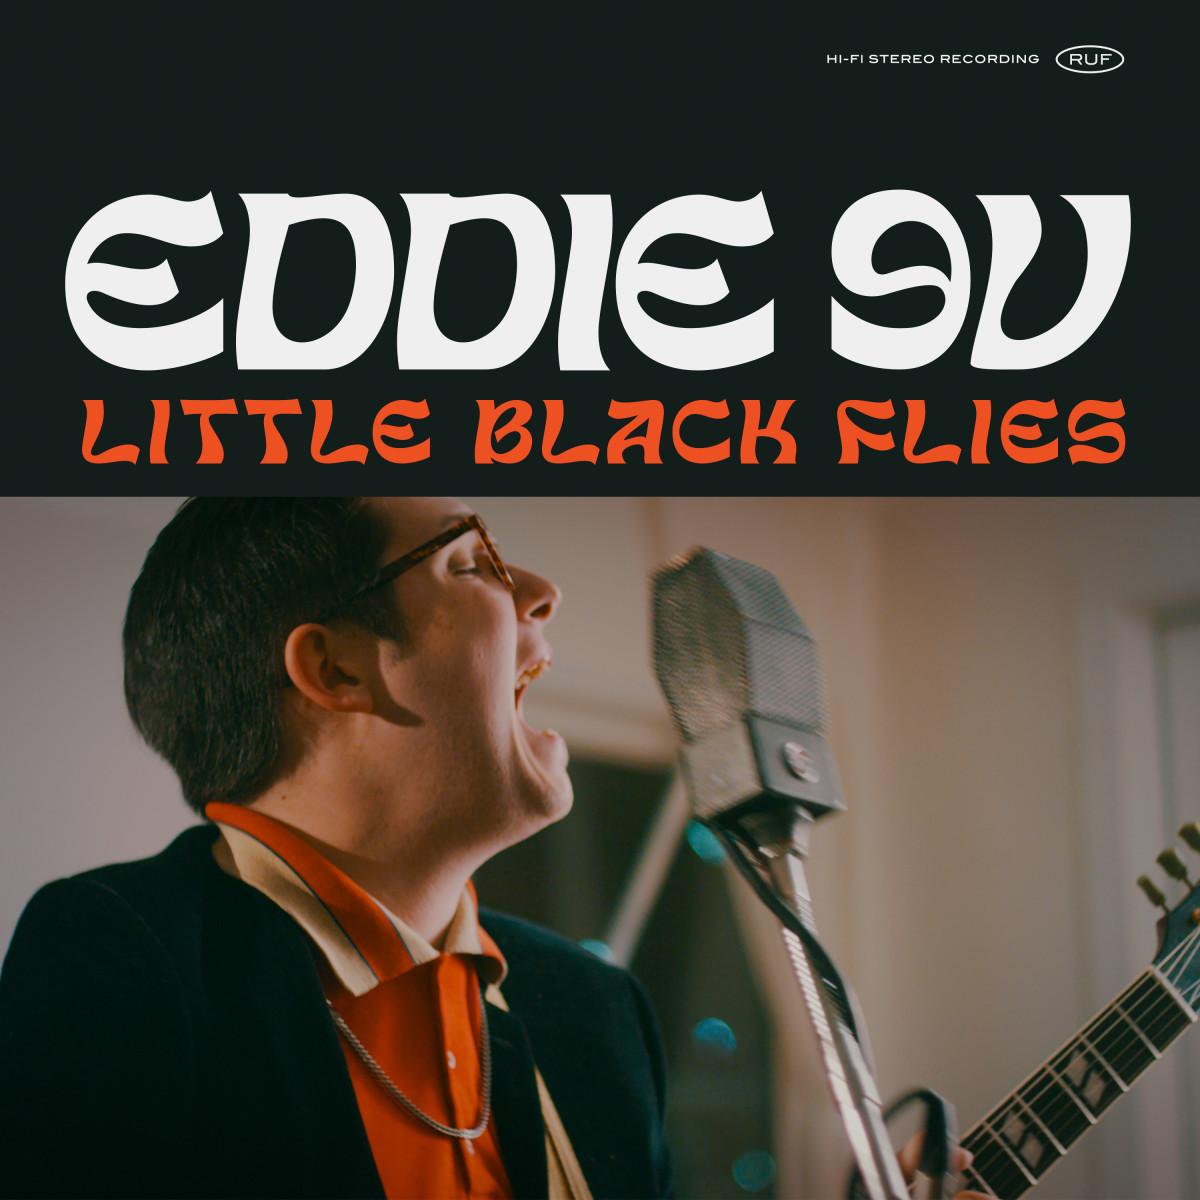 Eddie 9-V